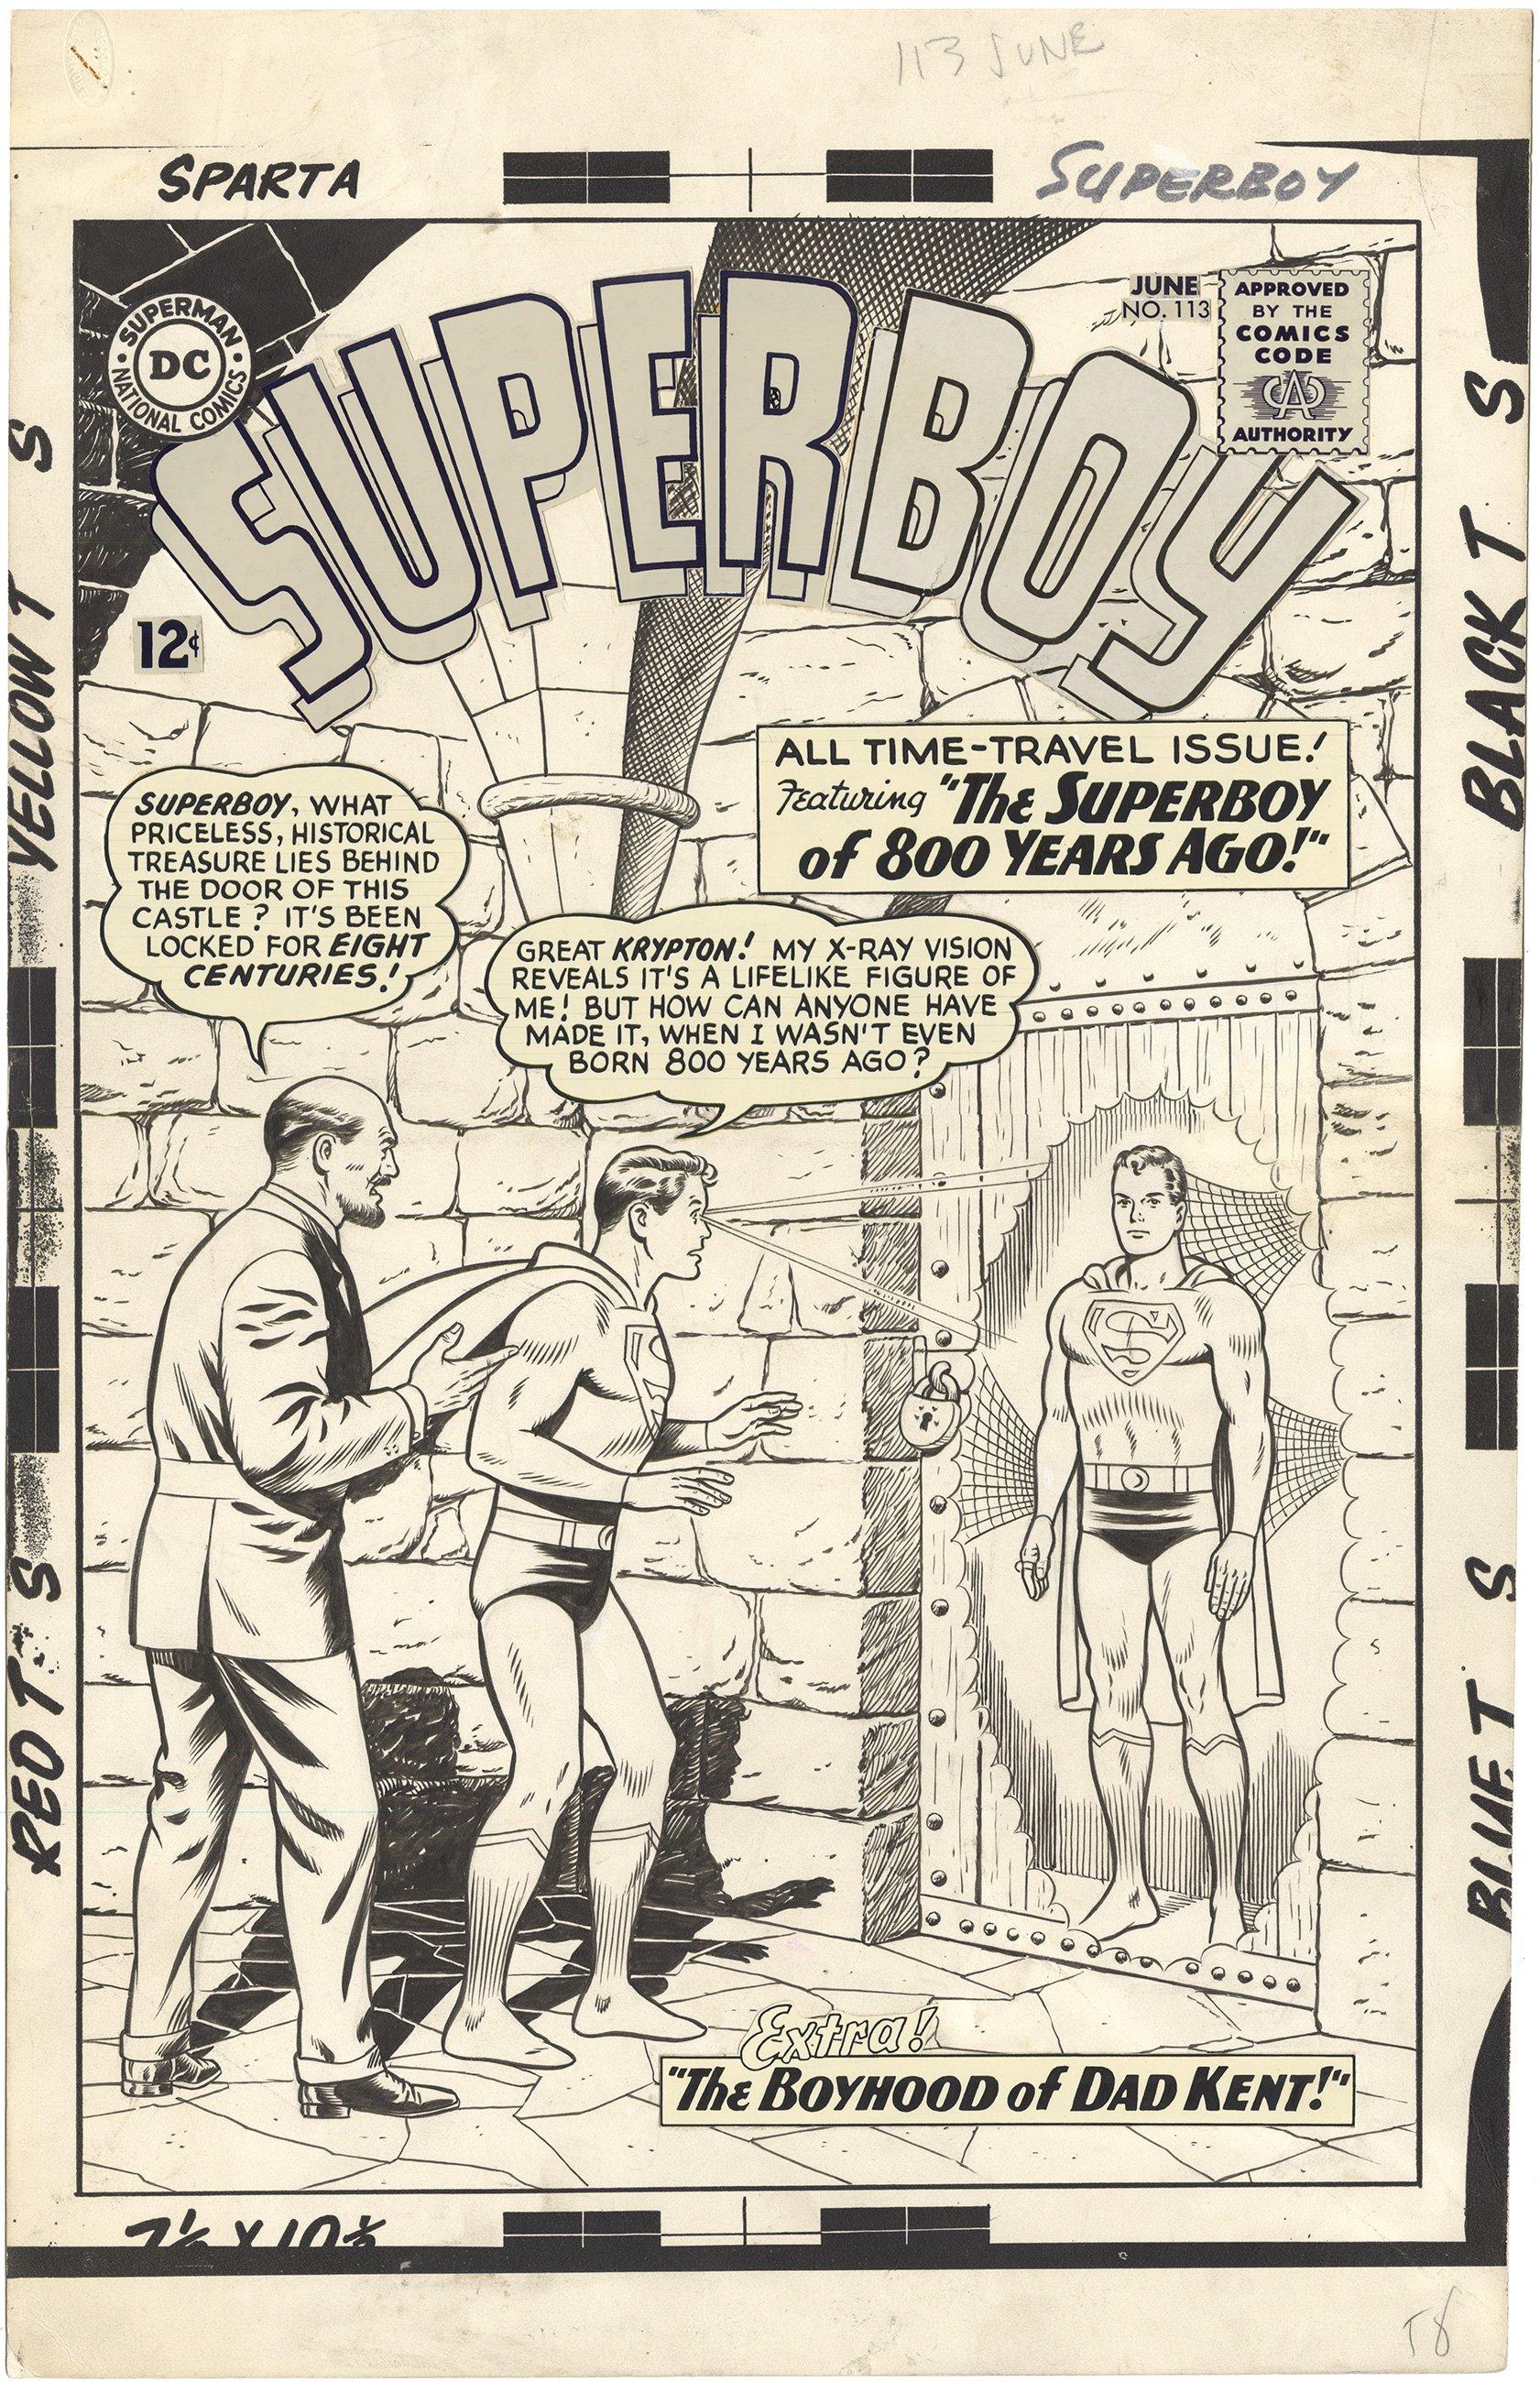 Superboy #113 Cover (Large Art)